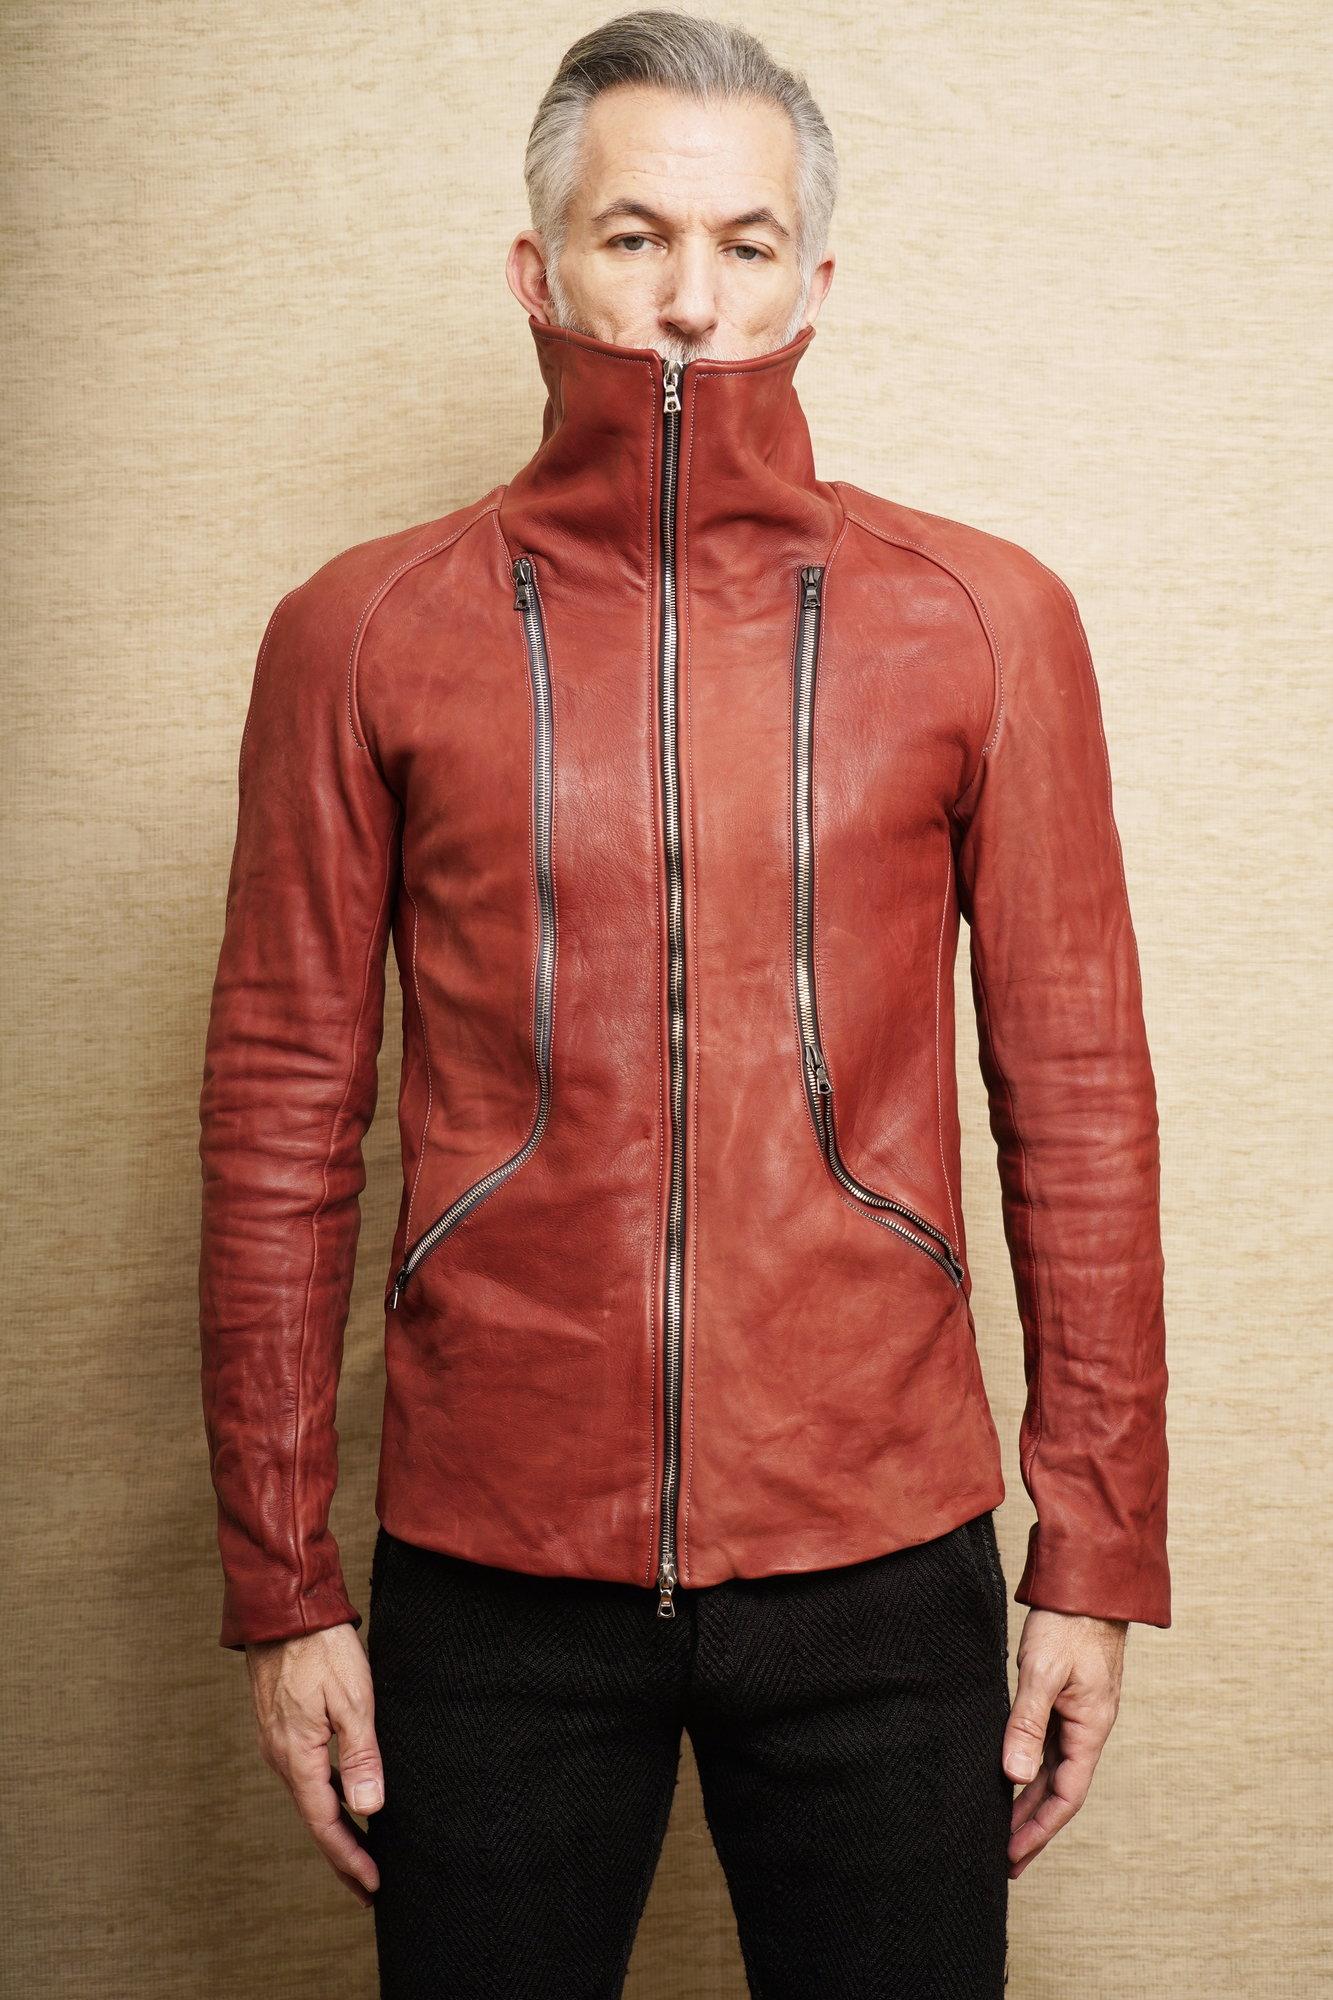 Tri Zip Leather Jacket_2.JPG